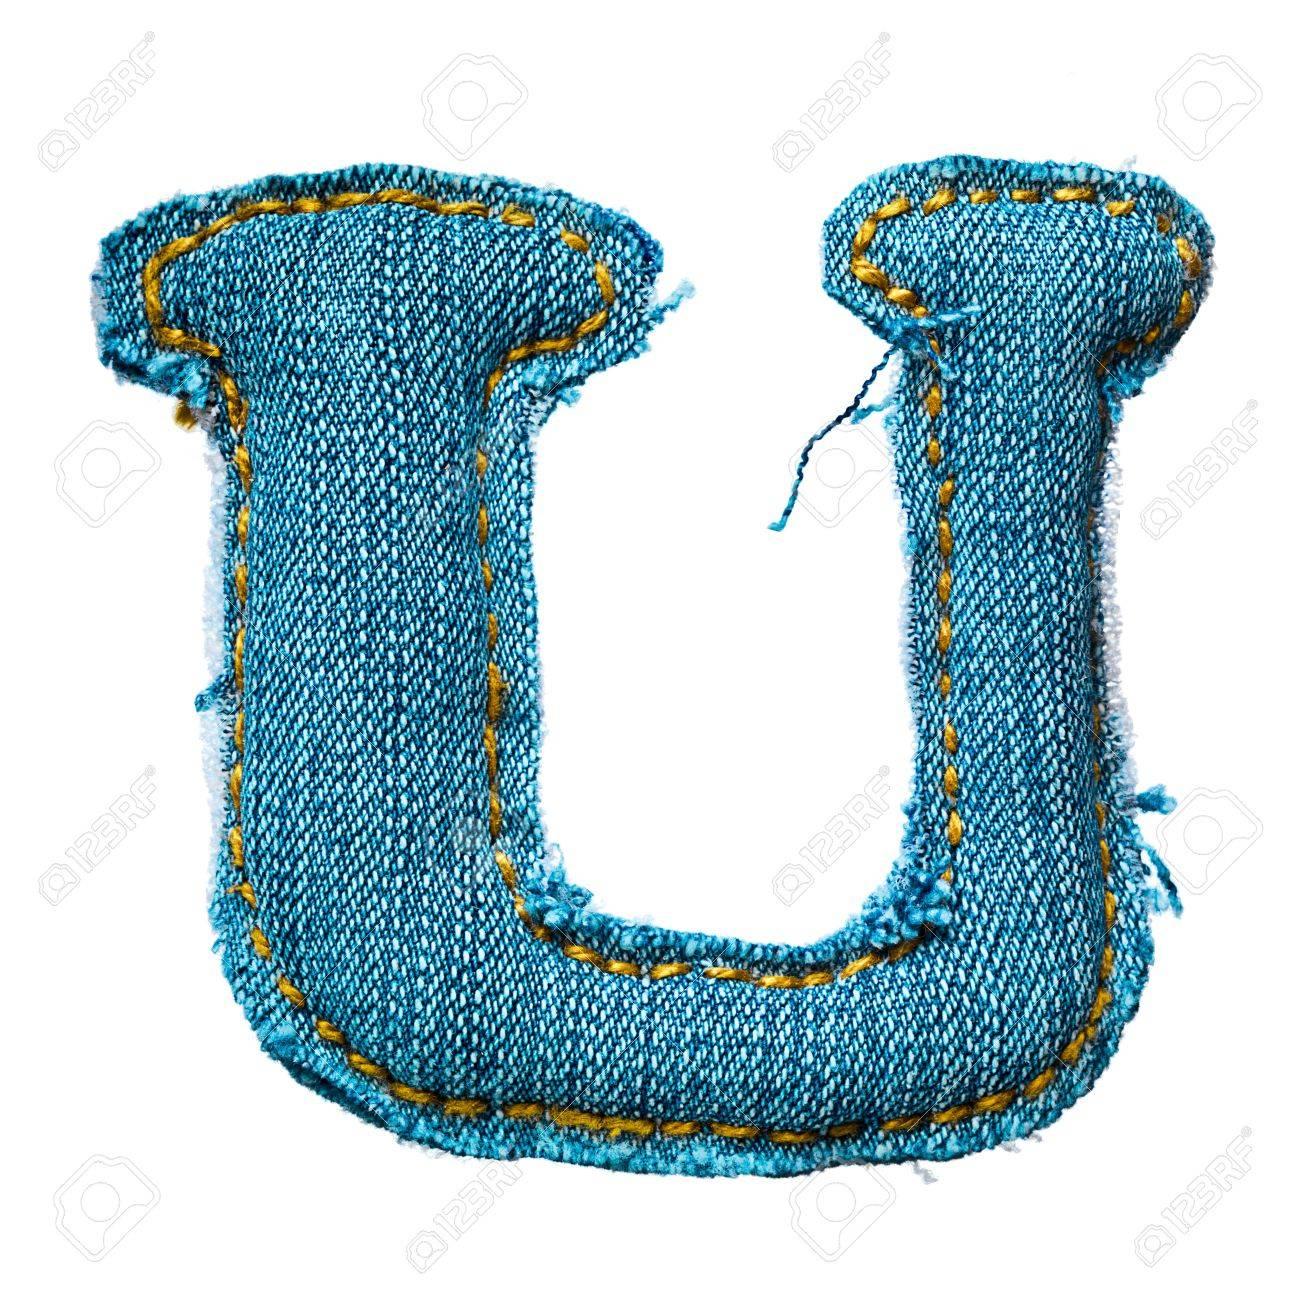 Handmade letter of jeans alphabet on white Stock Photo - 9822637